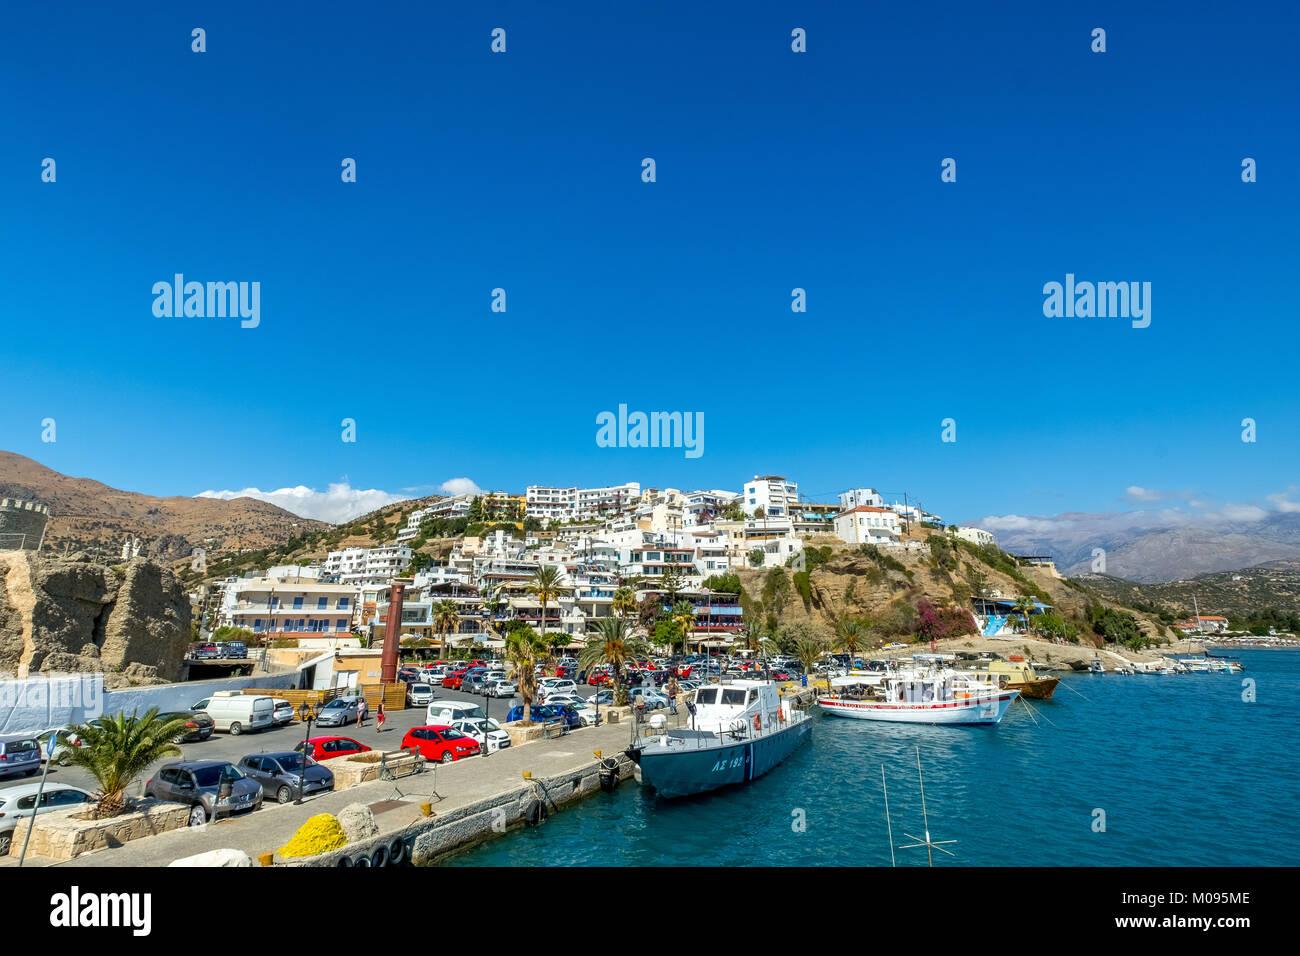 Fischerboote im Hafen von Agia Galini, Kreta, Griechenland, Europa, Agia Galini, Europa, Kreta, Griechenland, GR, - Stock Image